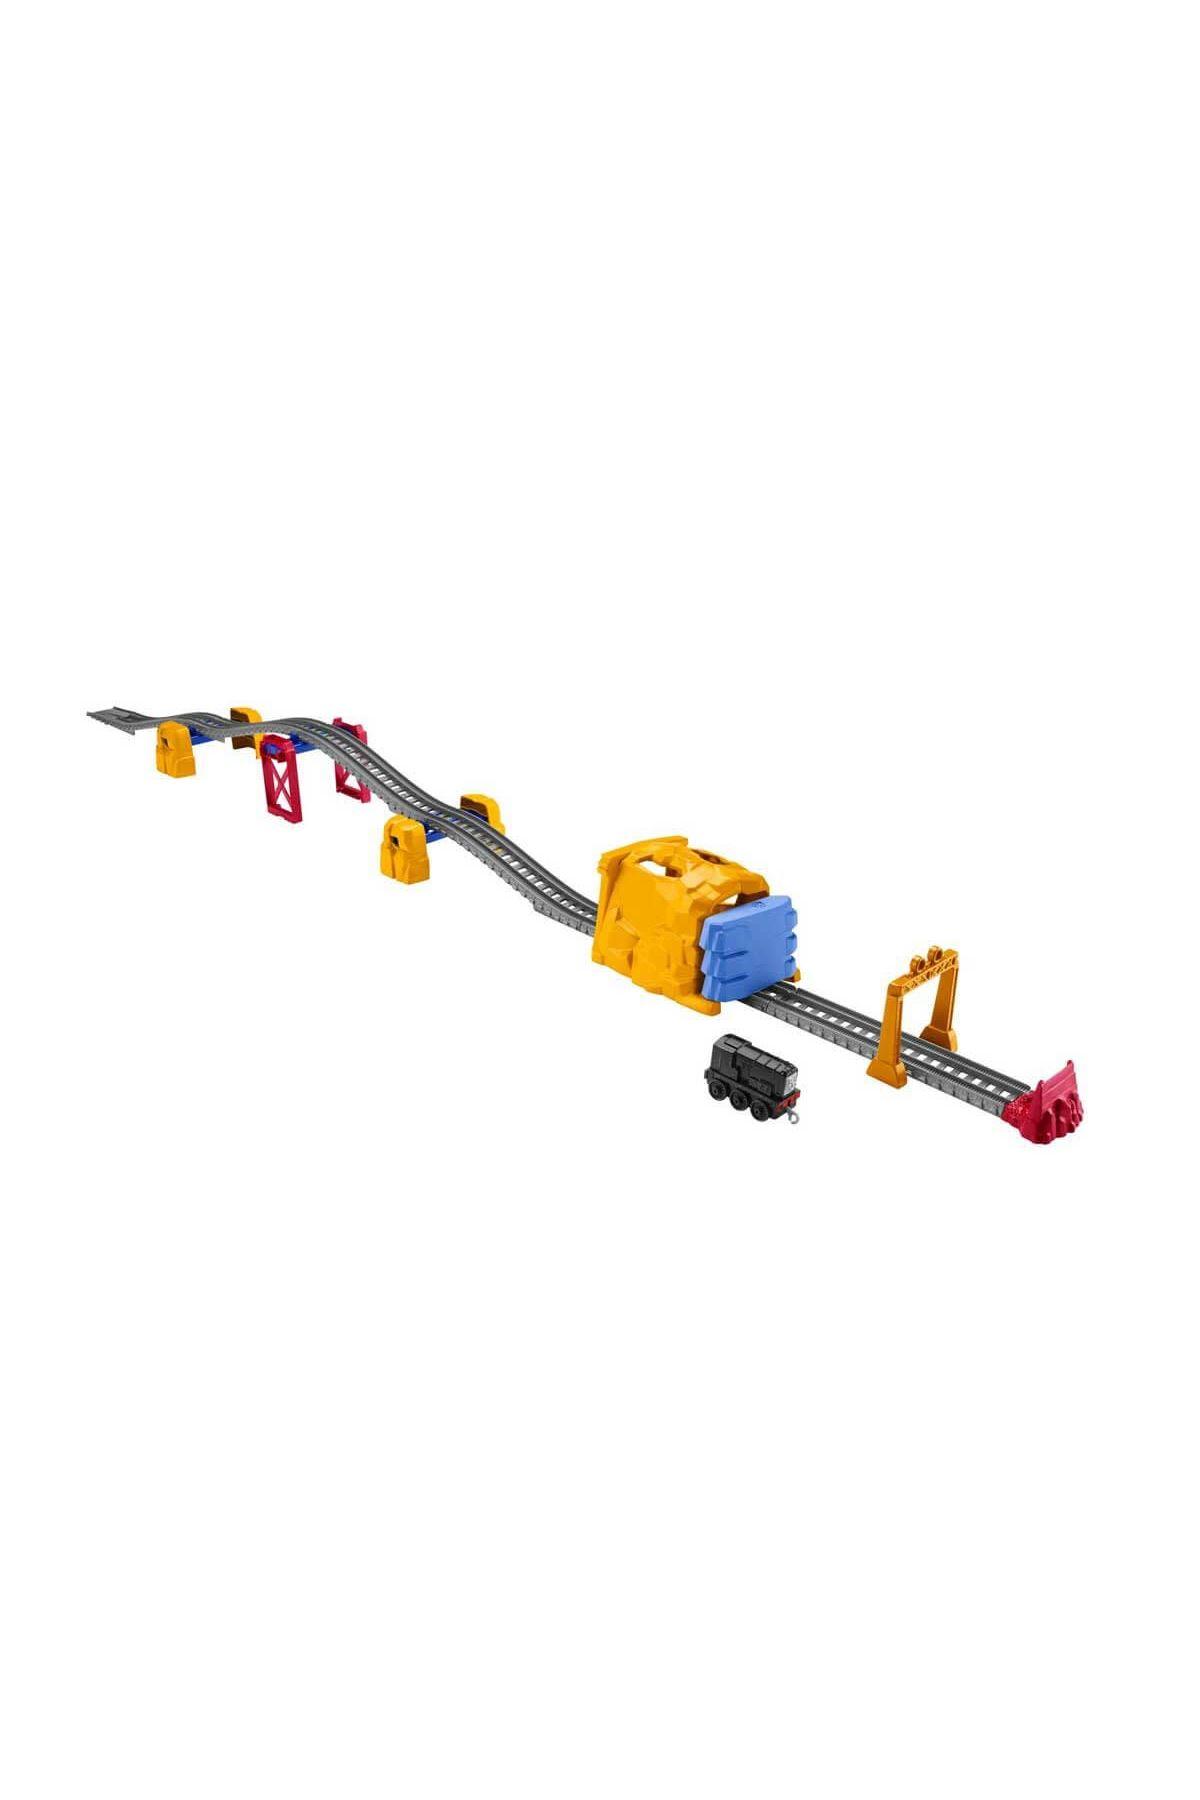 Thomas ve Arkadaşları Diesel Tünel Macerası Oyun Seti GHK73